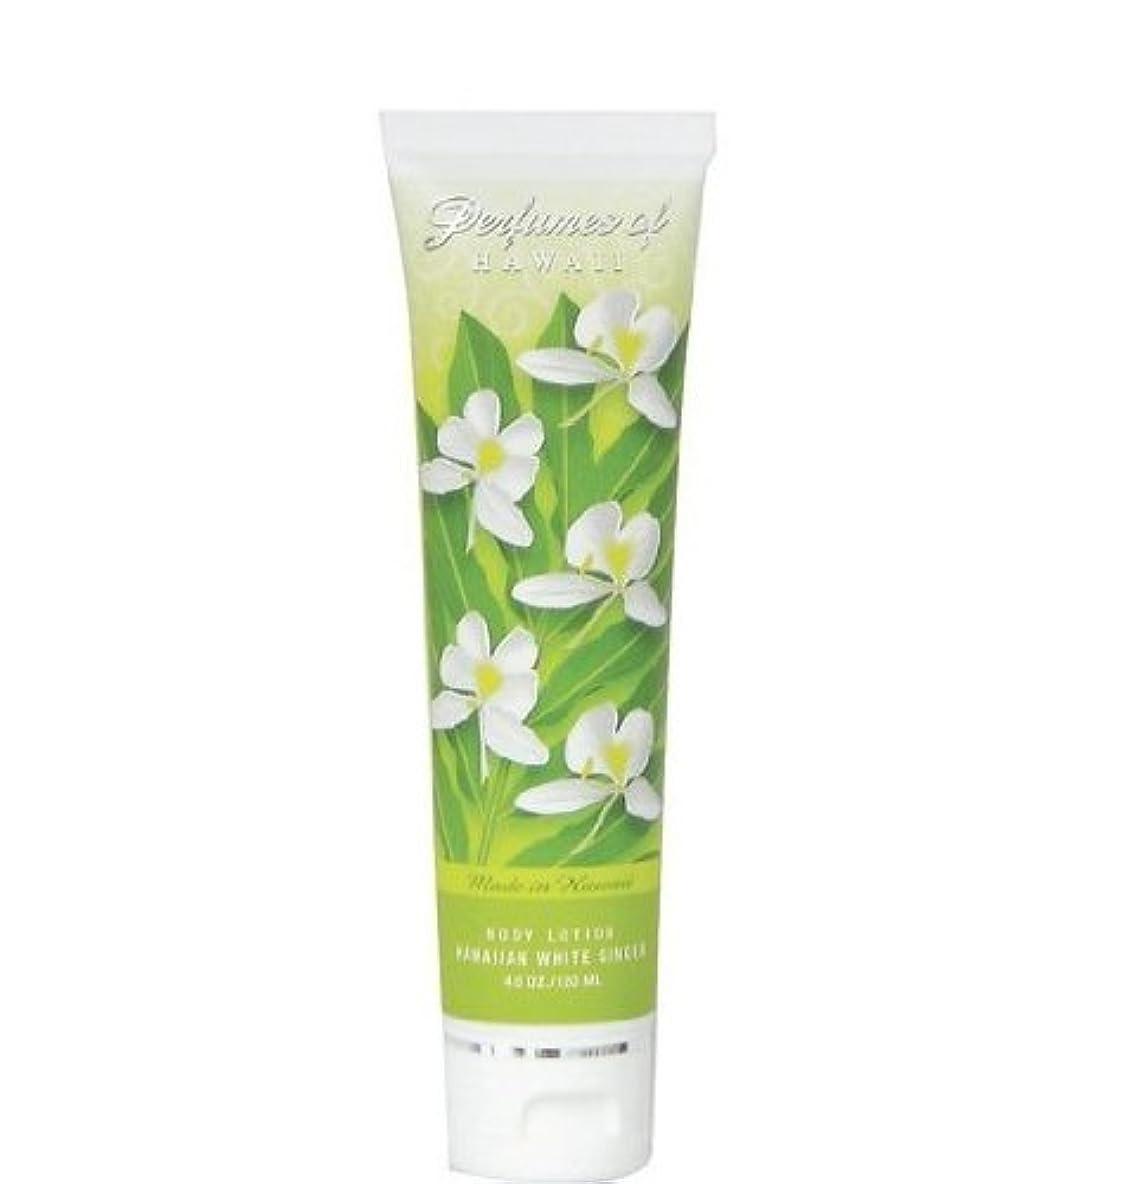 【2本セット】ハワイ】ホワイトジンジャーボディーローション Hawaiian White Ginger Body Lotion - 4.0 Oz - Perfumes of Hawaii 海外直送品